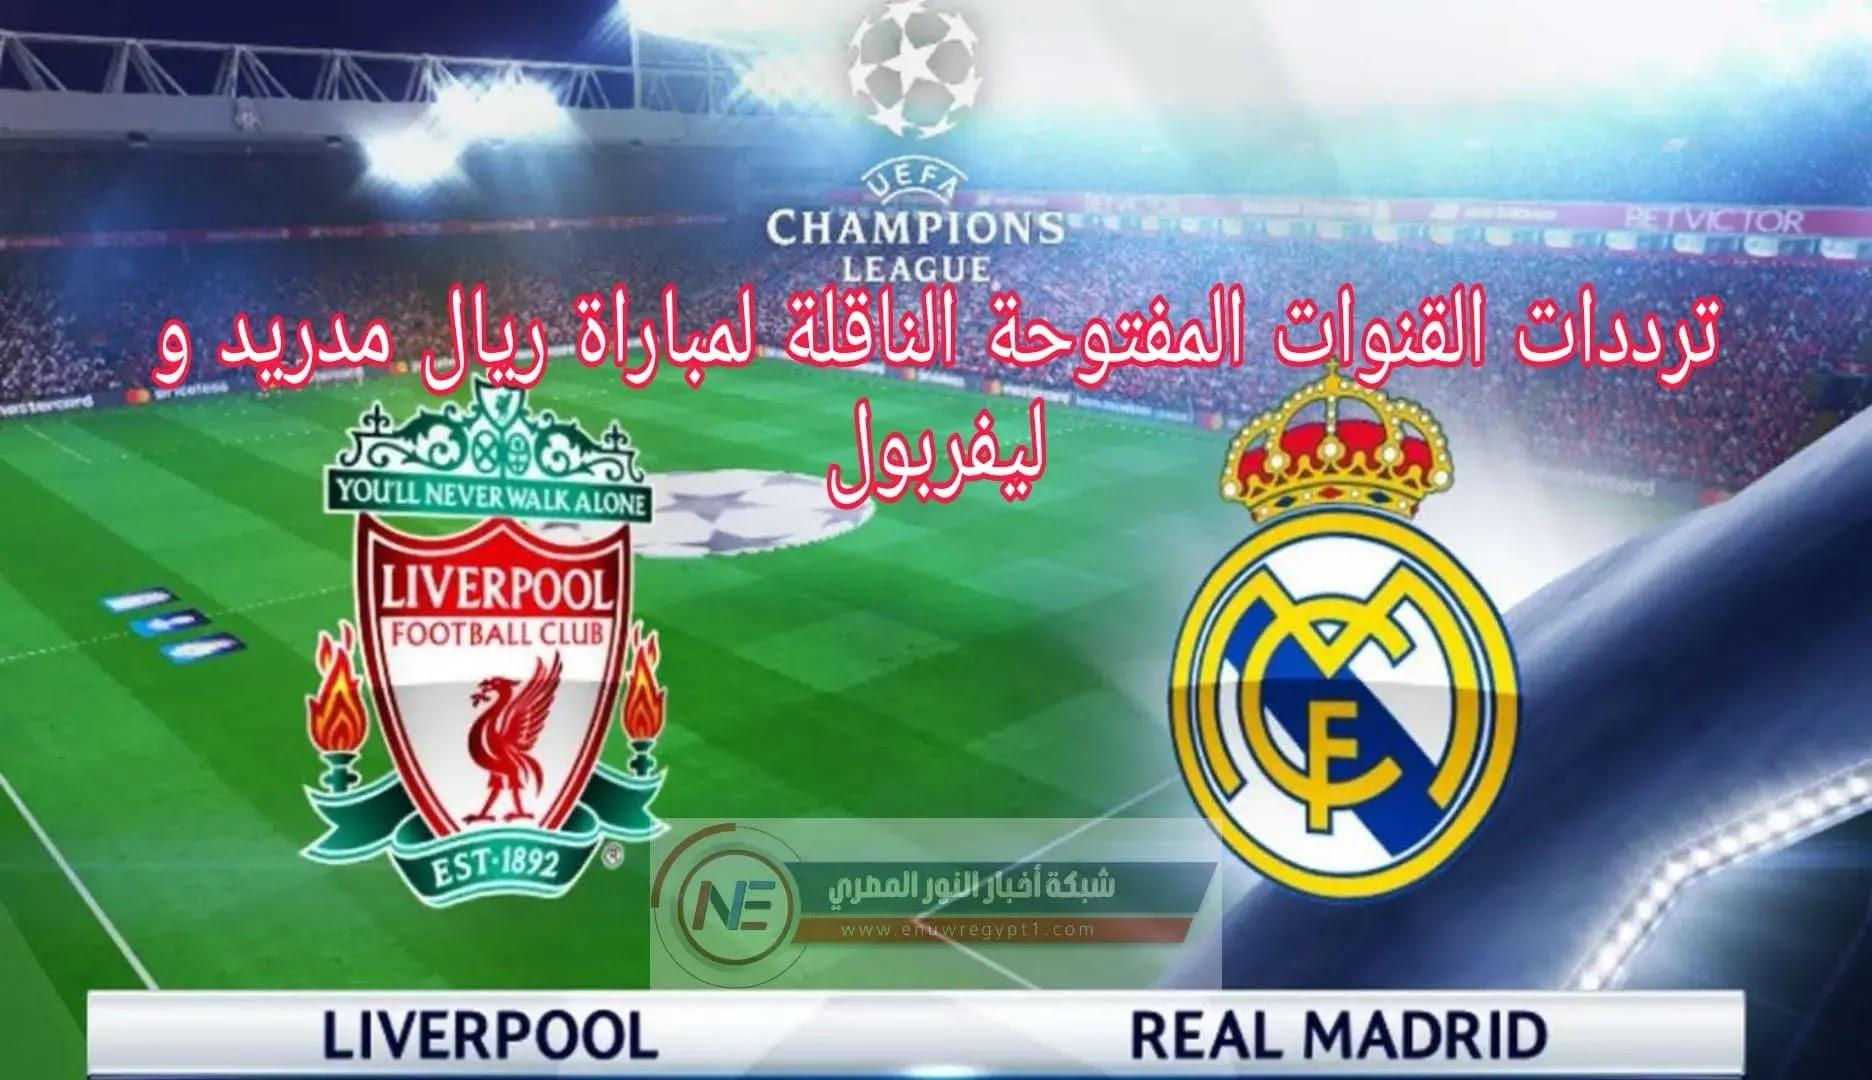 فرصة مجانية.. القنوات المفتوحة الناقلة لمباراة ريال مدريد و ليفربول بتاريخ اليوم الاربعاء 14 أبريل 2021 في دورى ابطال اوروبا